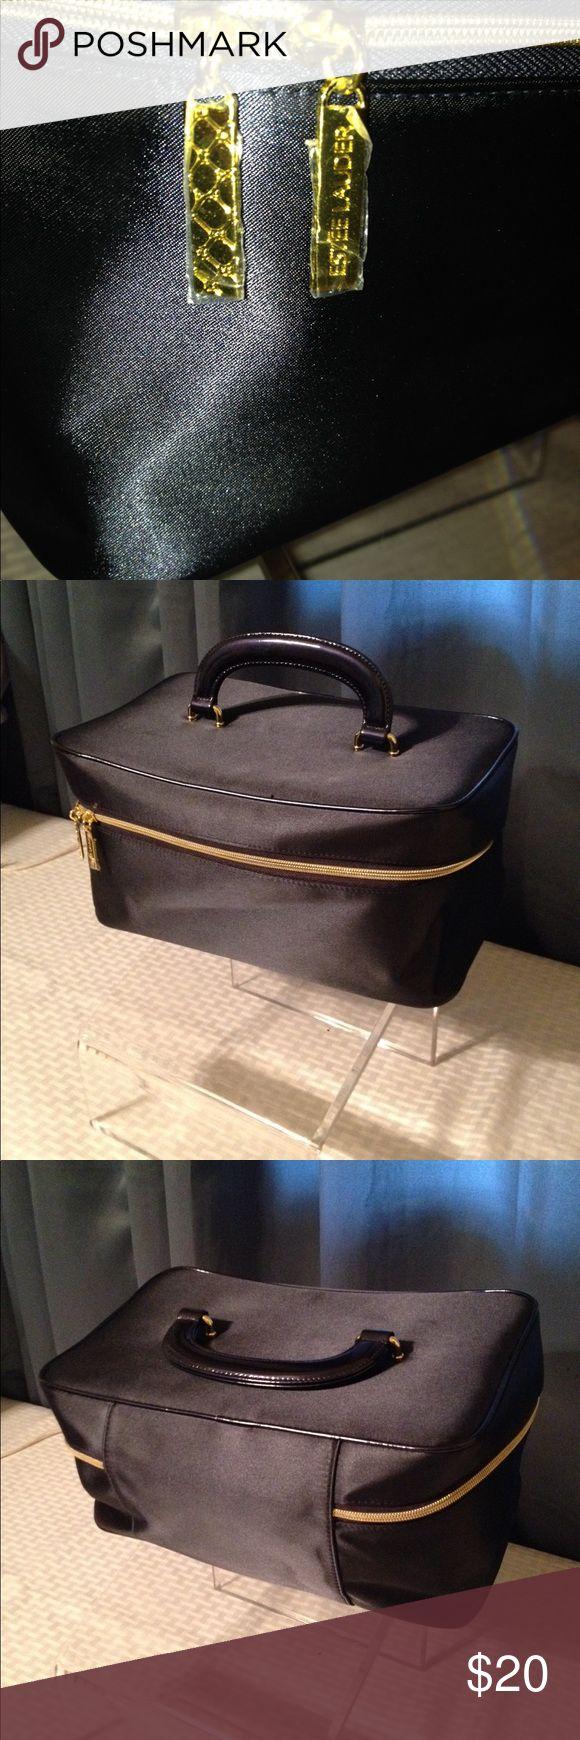 💥NEW💥 Estée Lauder Travel Case new no tags Estée Lauder Blue Travel Case,  free gift ( Vera Bradley makeup bag) as seen in picture Estee Lauder Bags